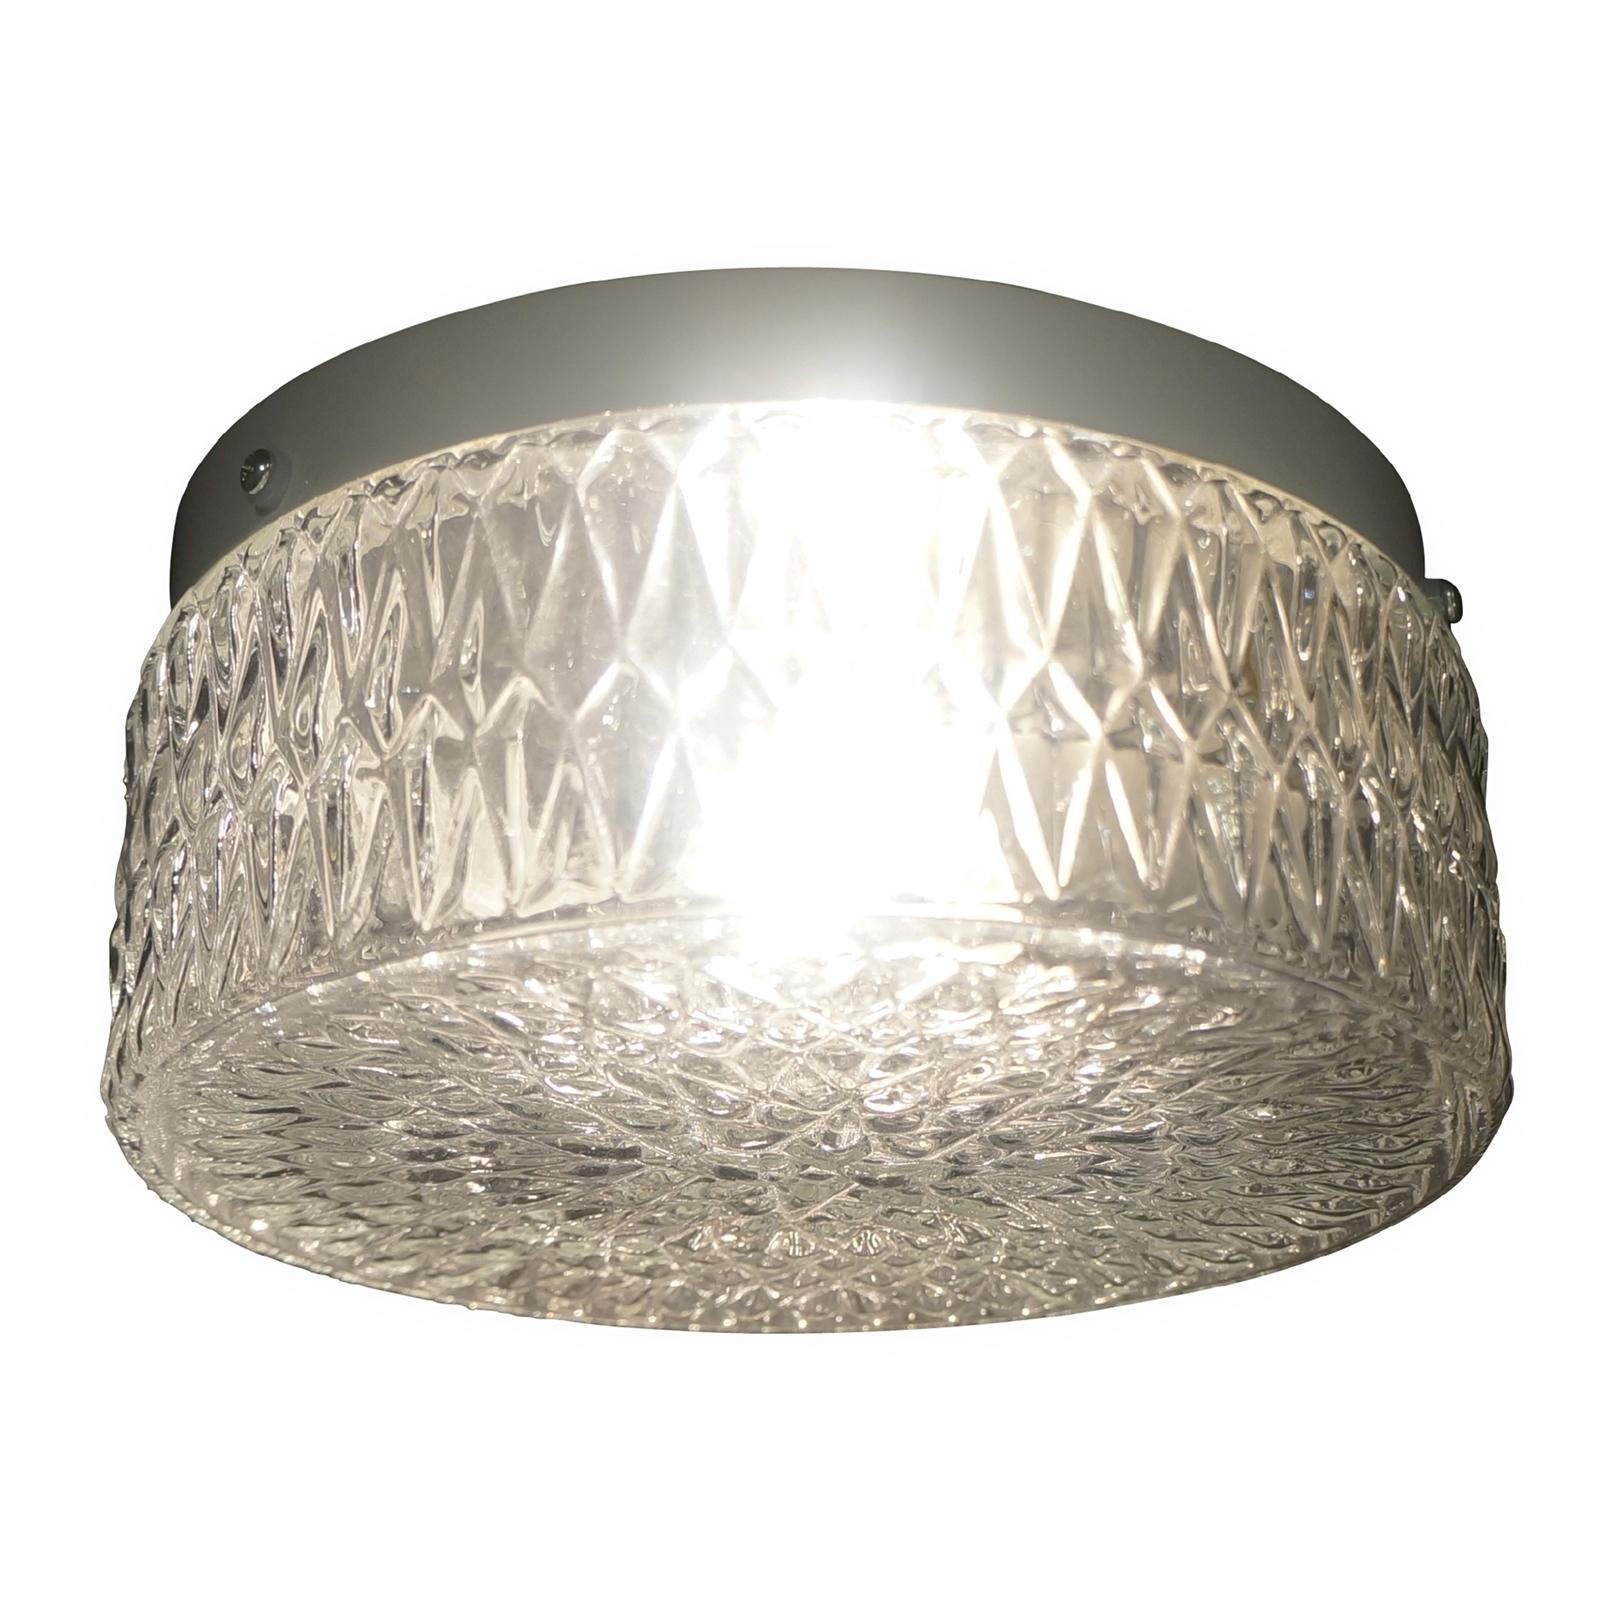 Oceanus Glass Bathroom Light £3.02 @ Homebase